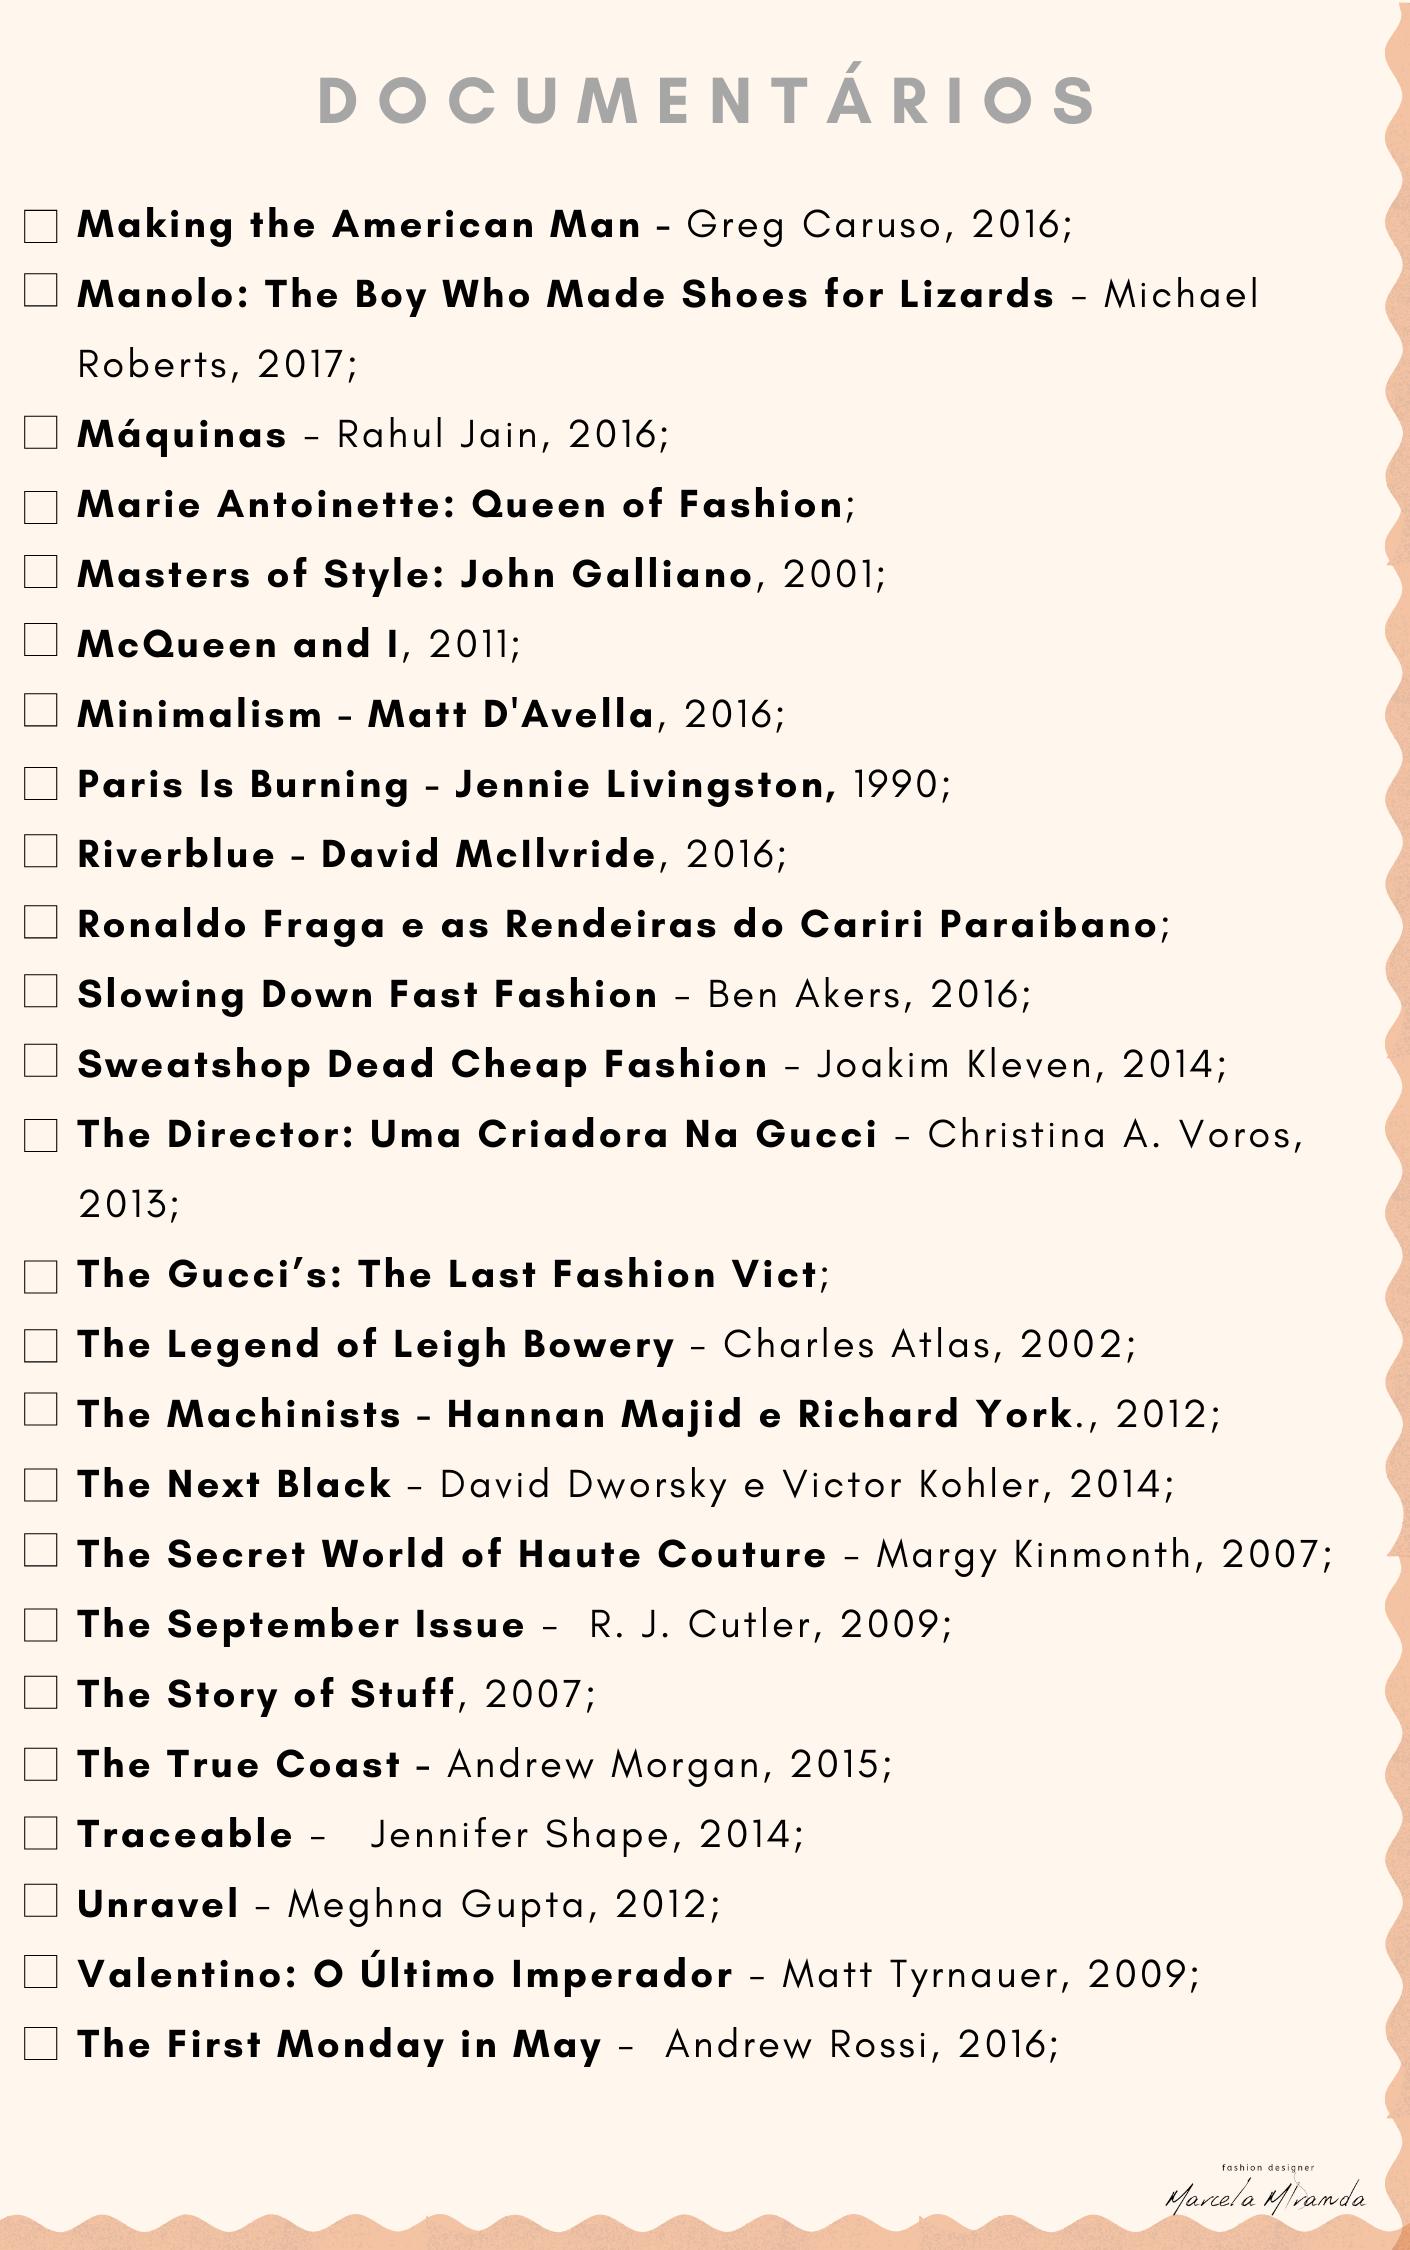 Documentários sobre moda